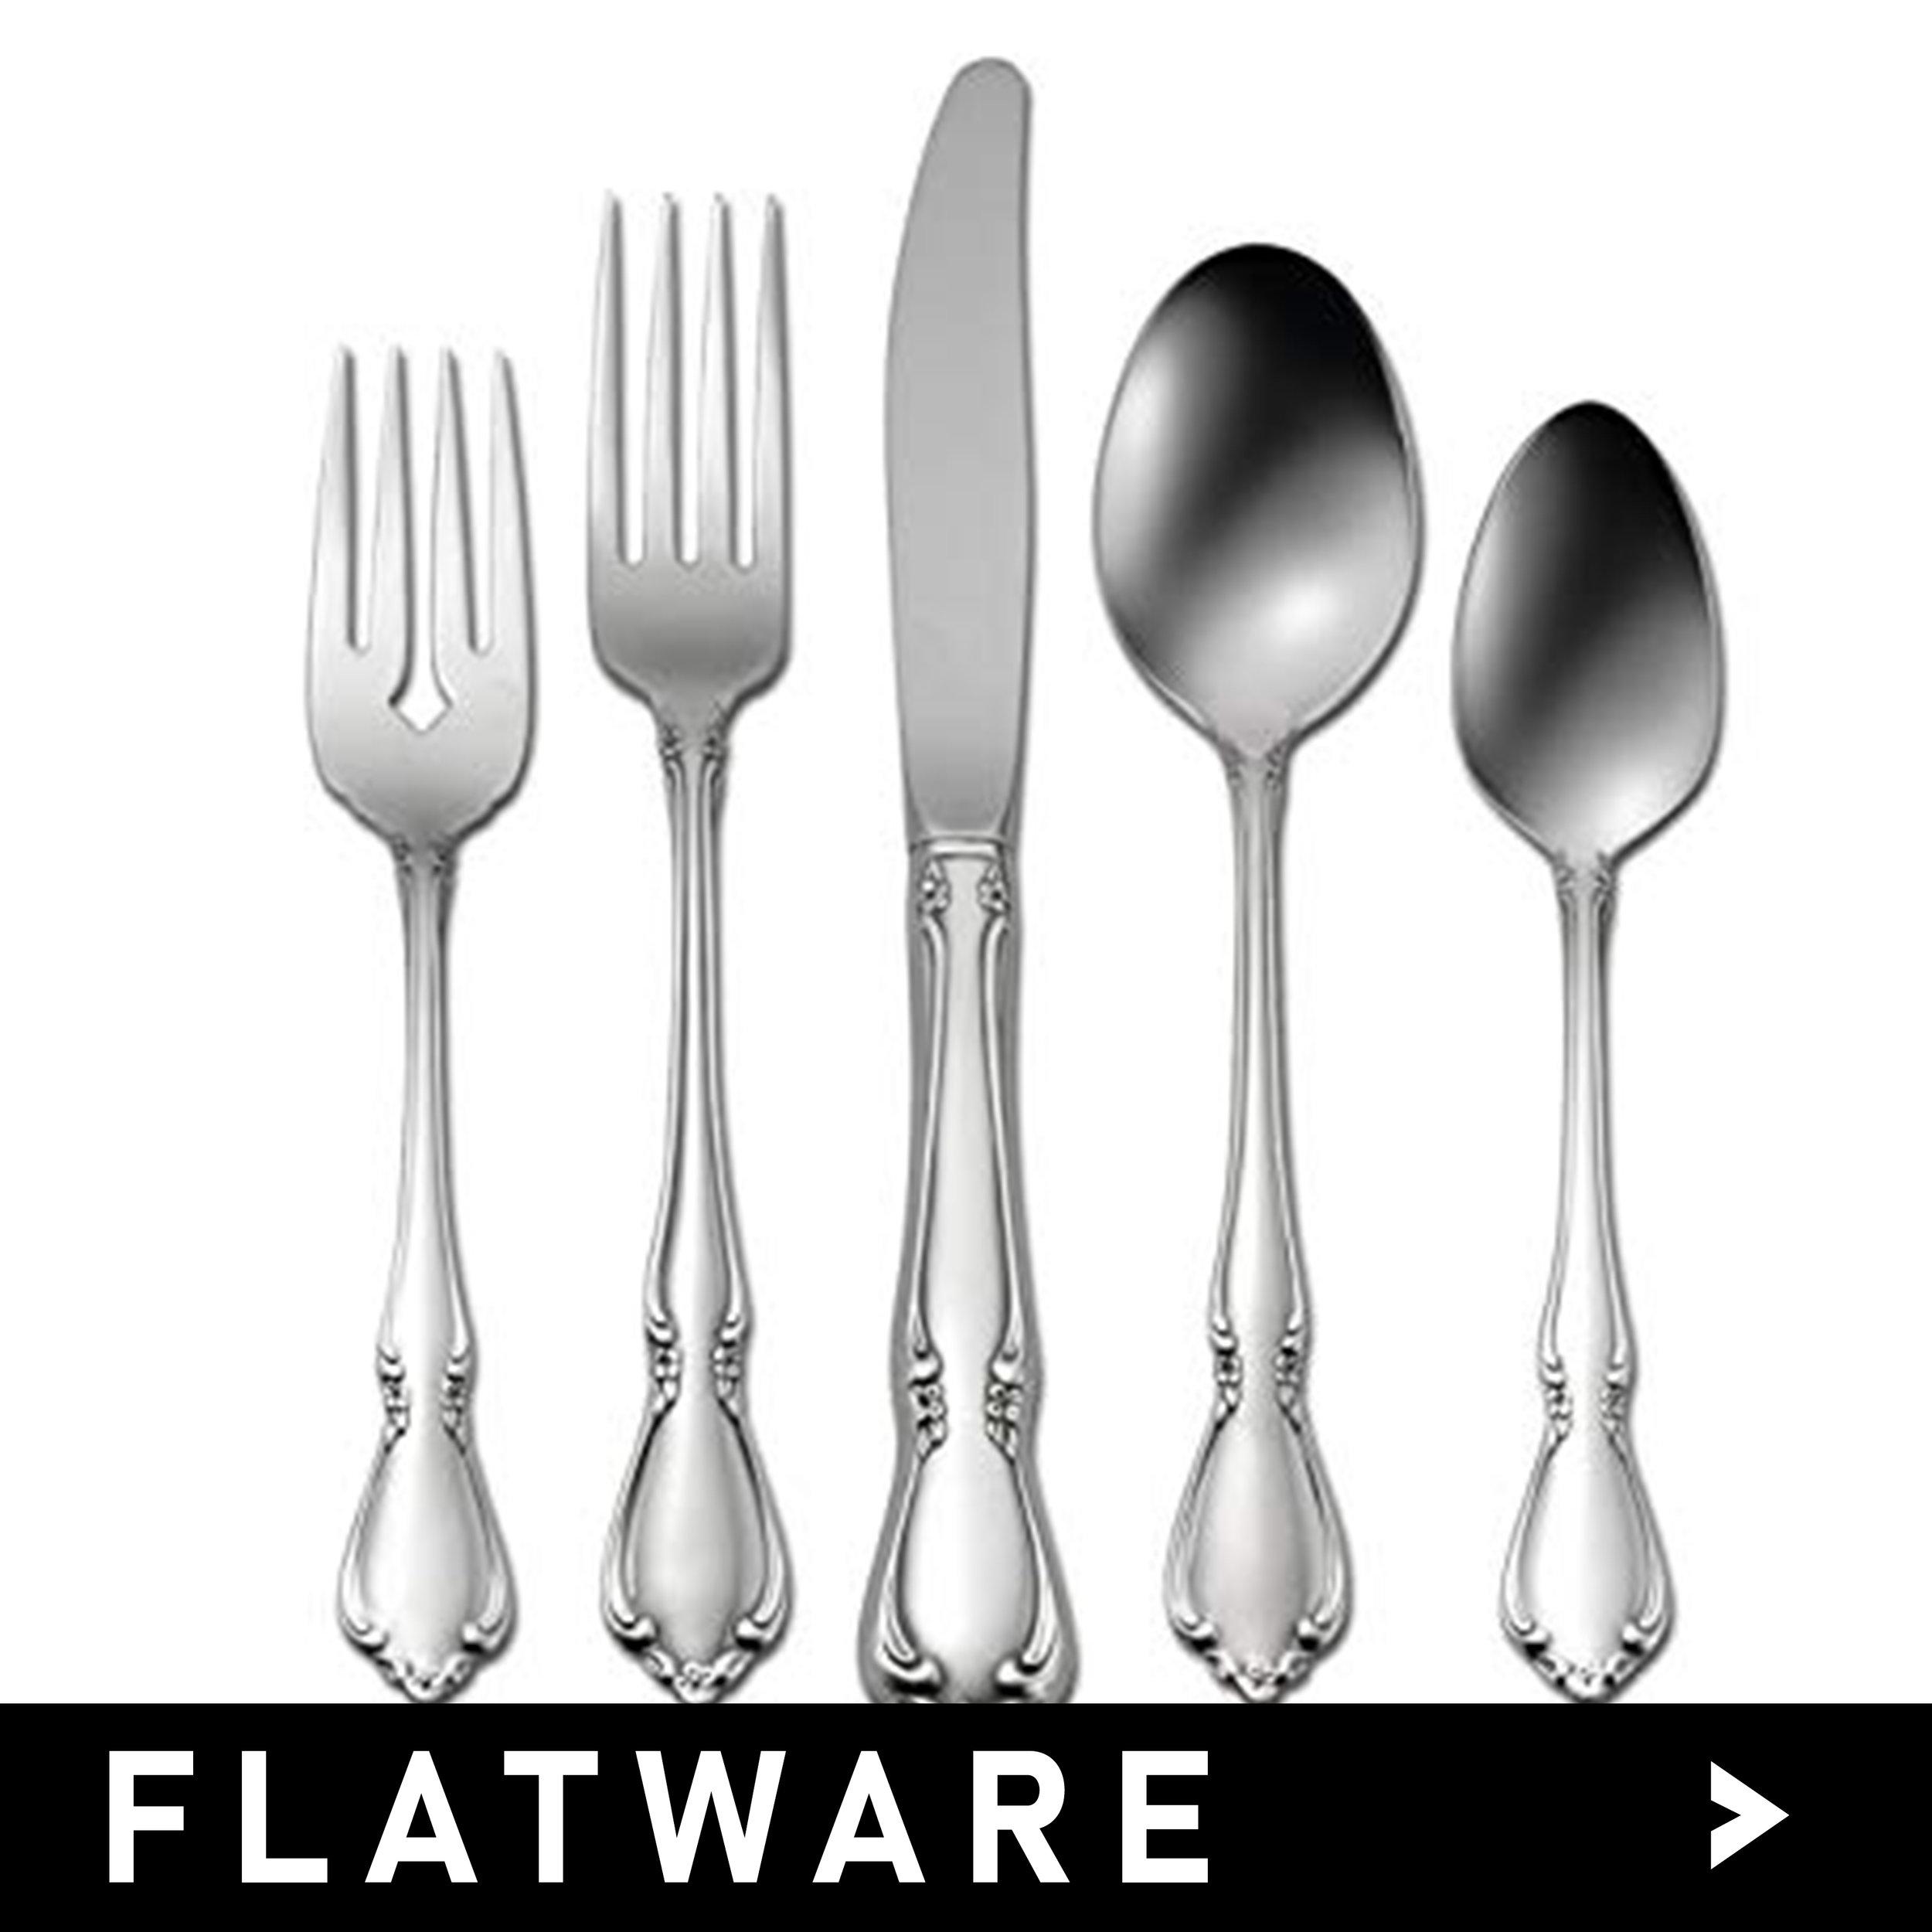 FLATWARE.jpg